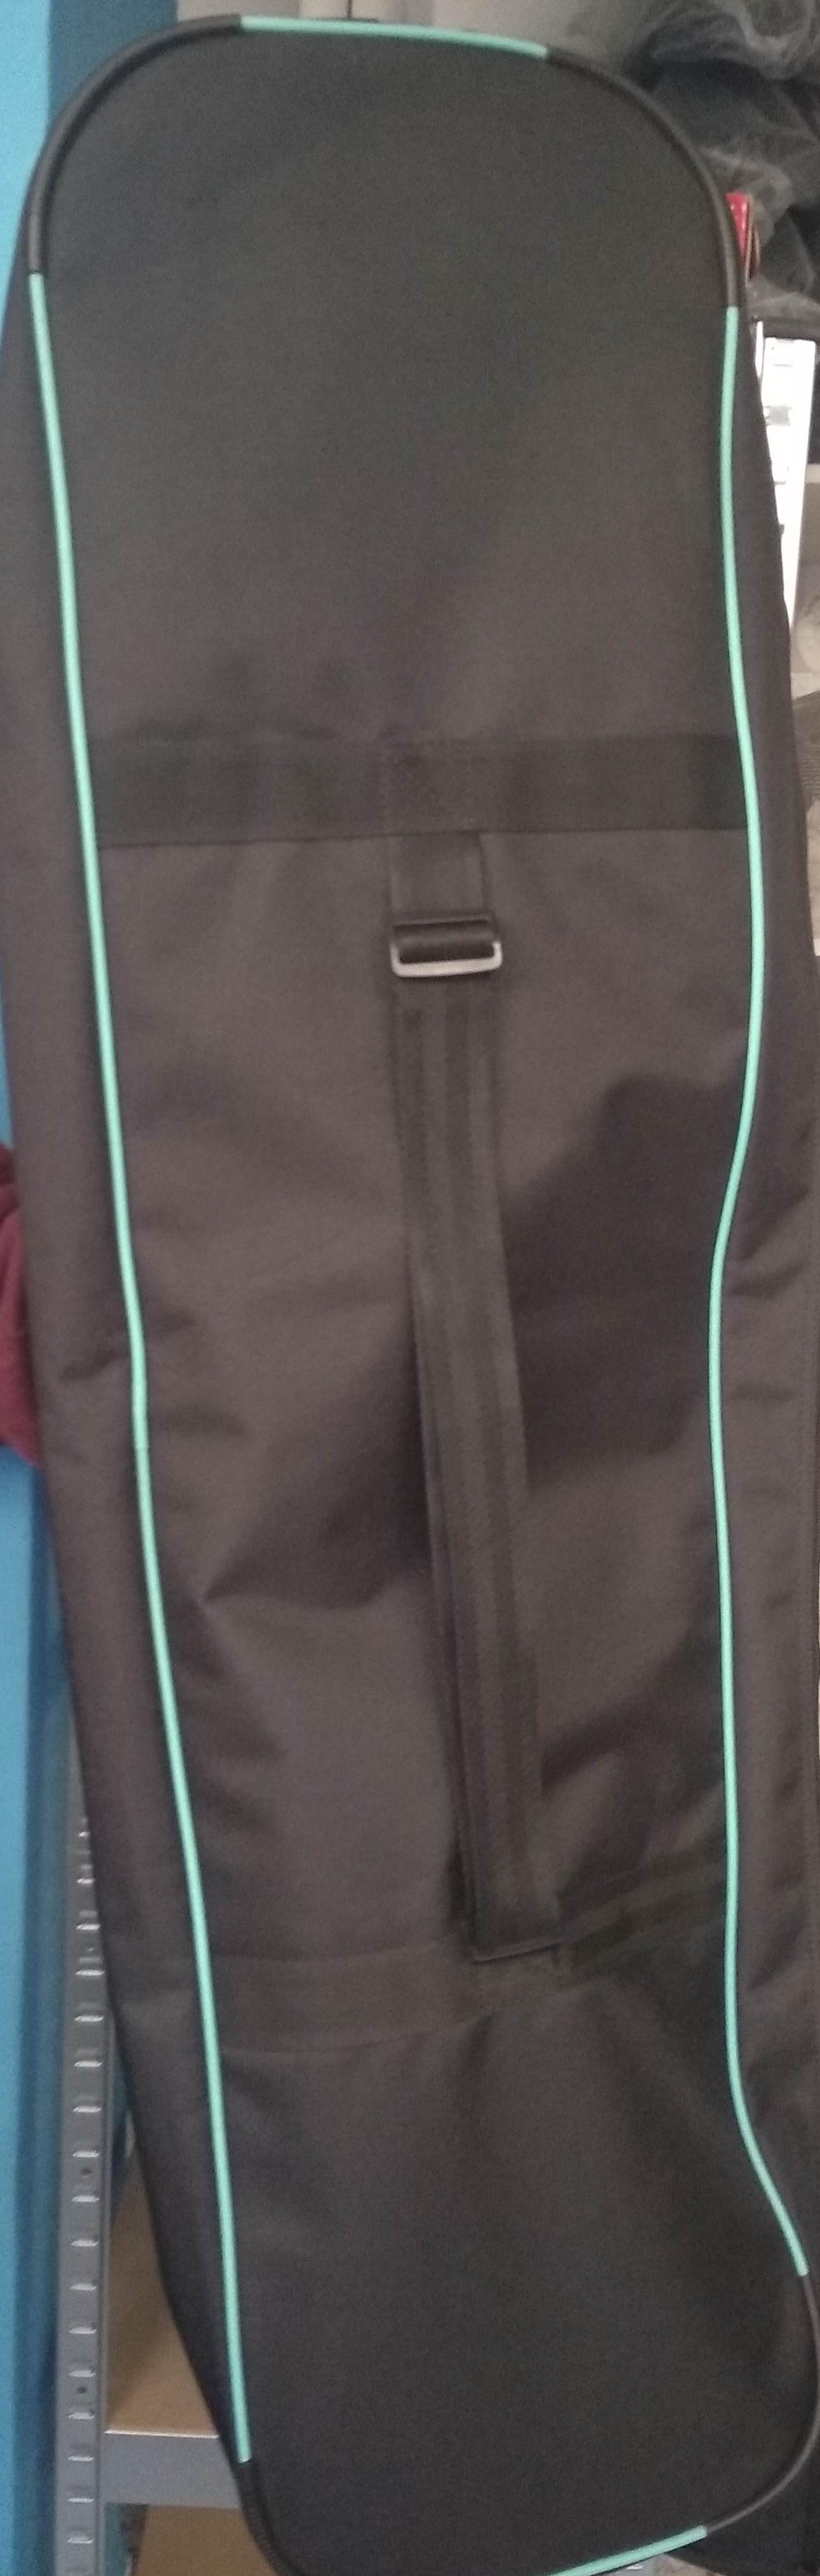 Ουκρανική Τσάντα για 4 ξίφη